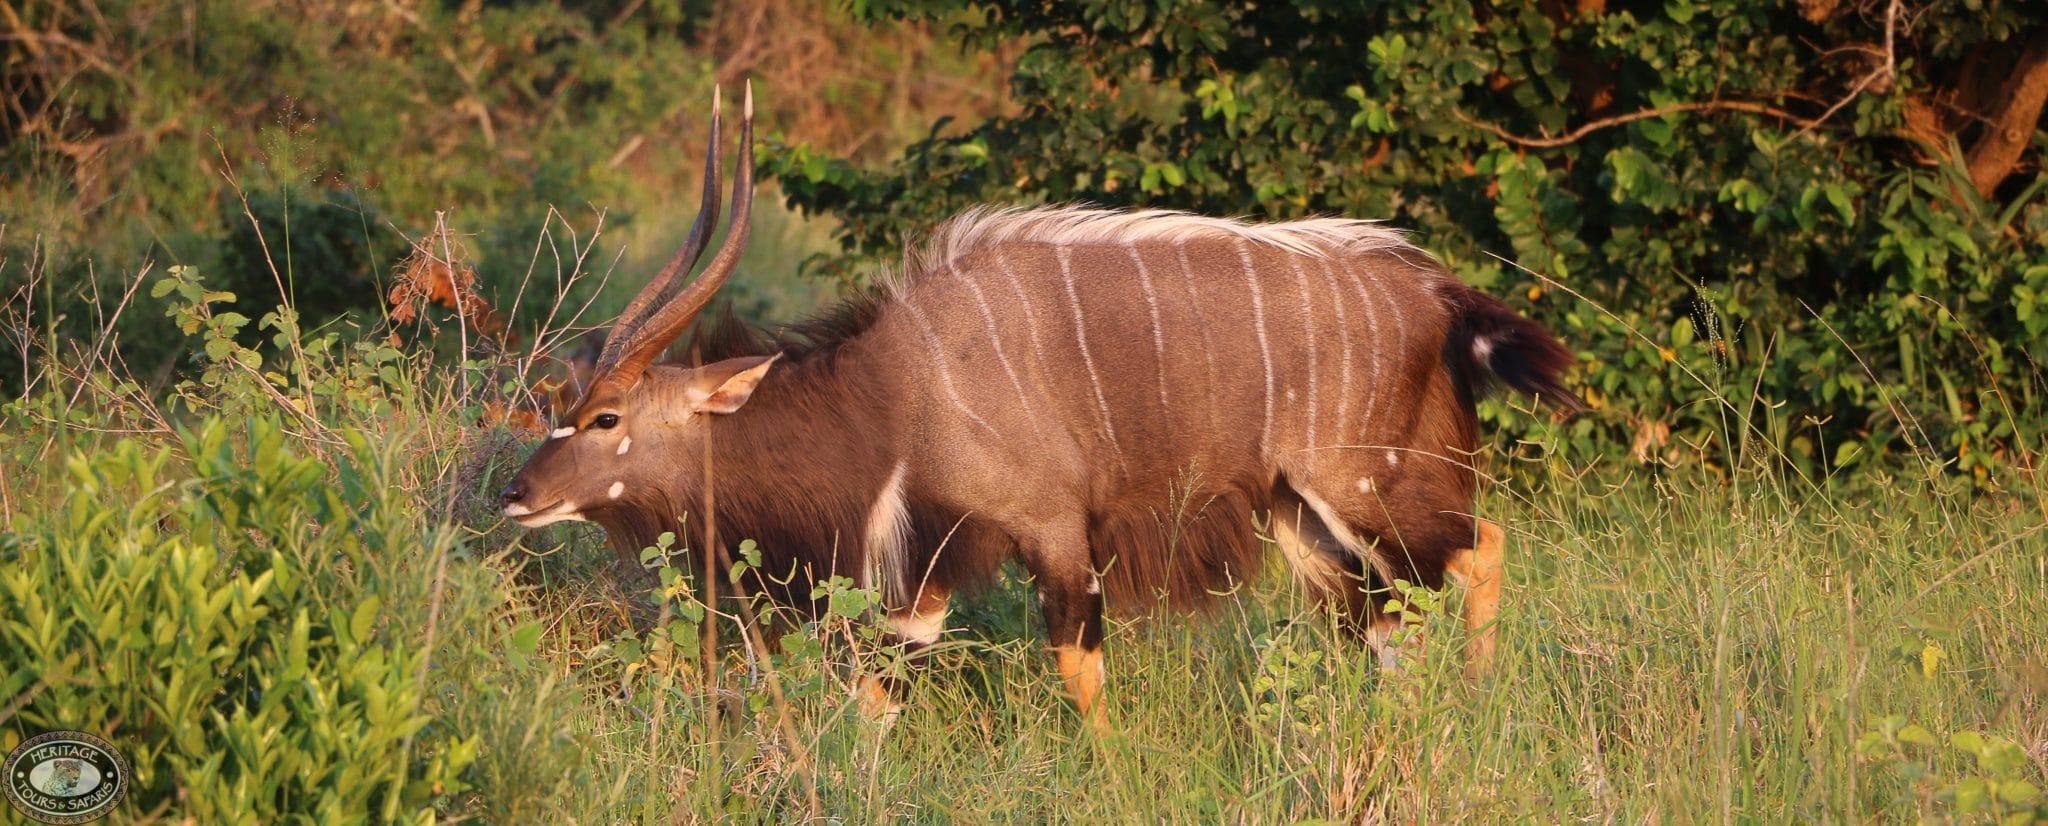 nyala facts bull